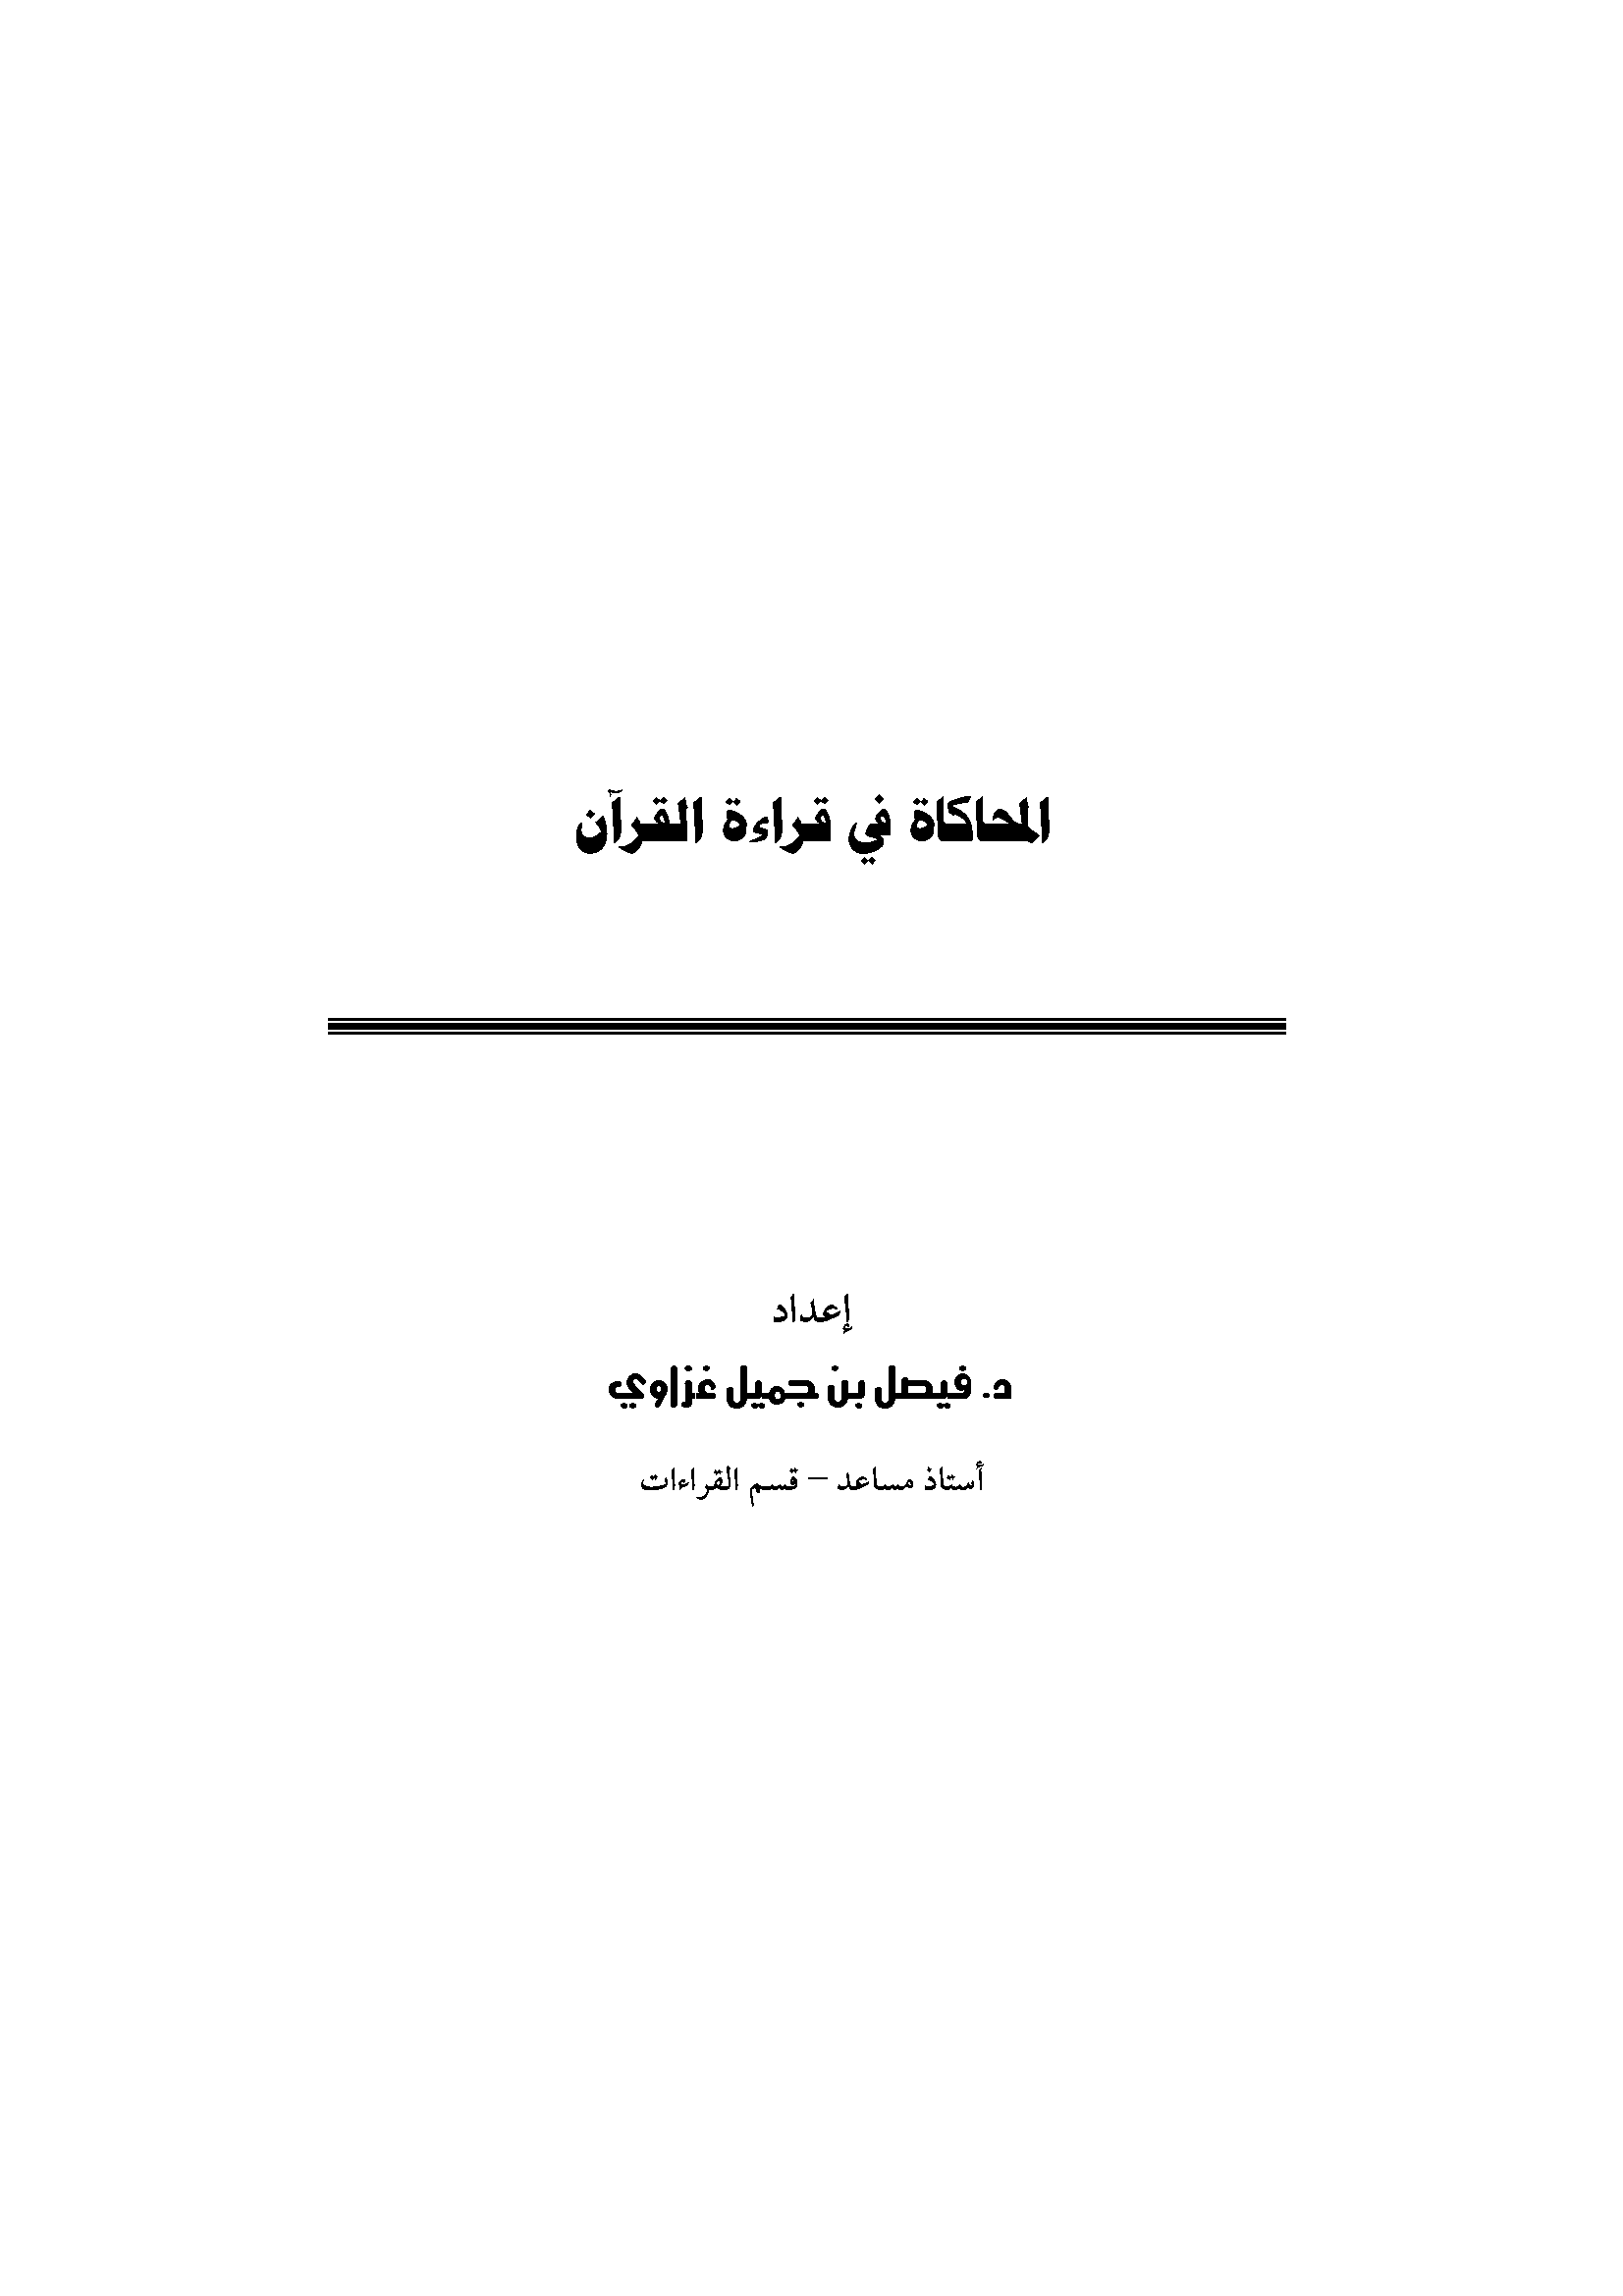 تحميل كتاب المحاكاة في قراءة القرآن لـِ: الدكتور فيصل بن جميل بن حسن غزاوي